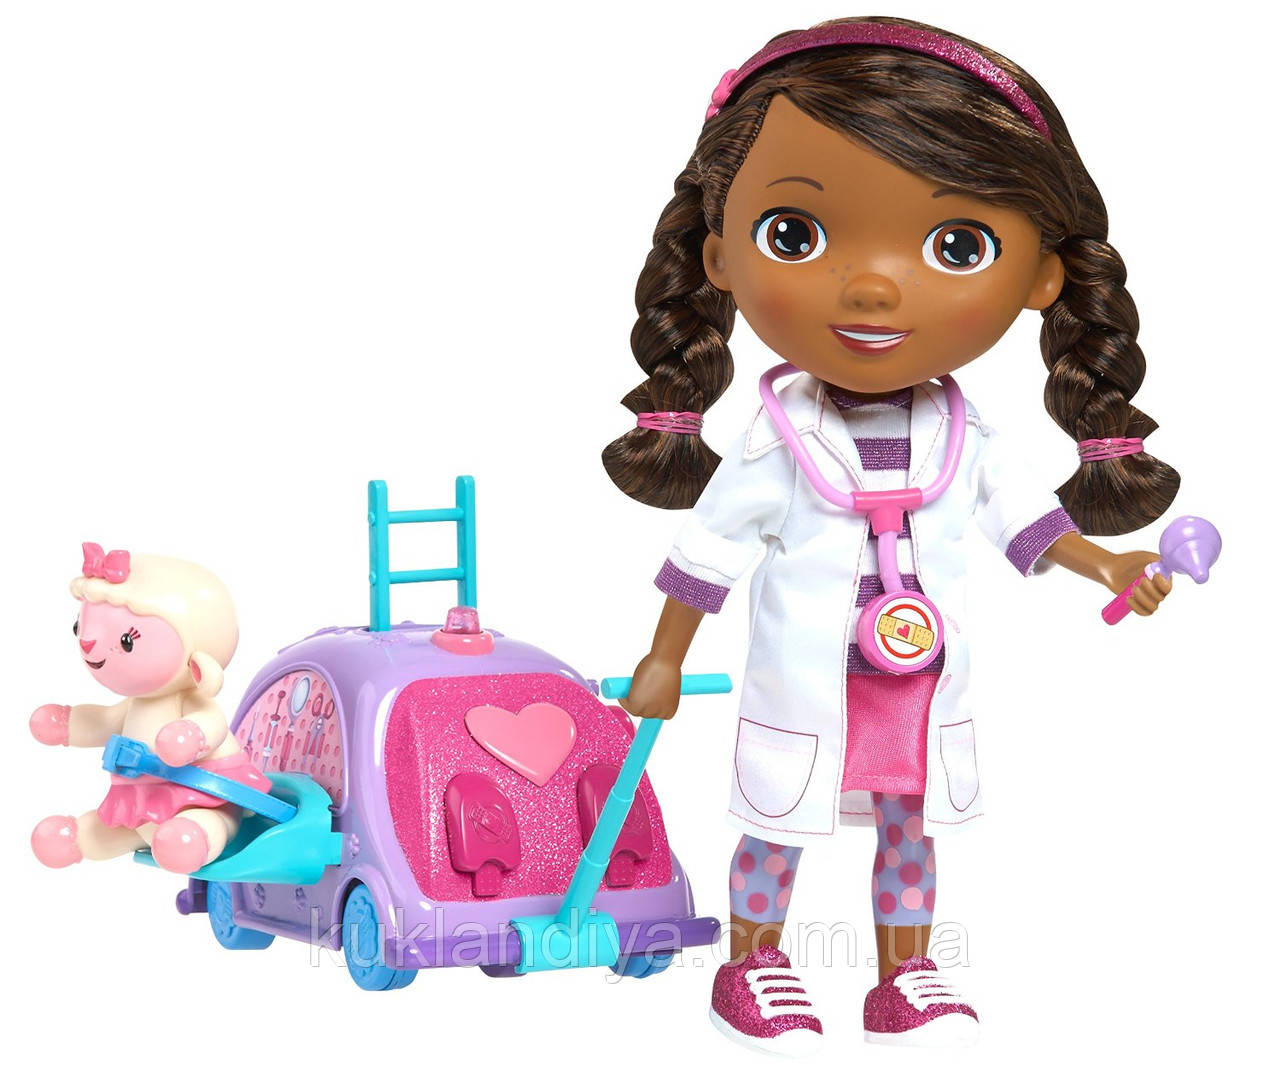 Кукла Доктор Плюшева Оригинал от Disney с мобильной клиникой Doc McStuffins